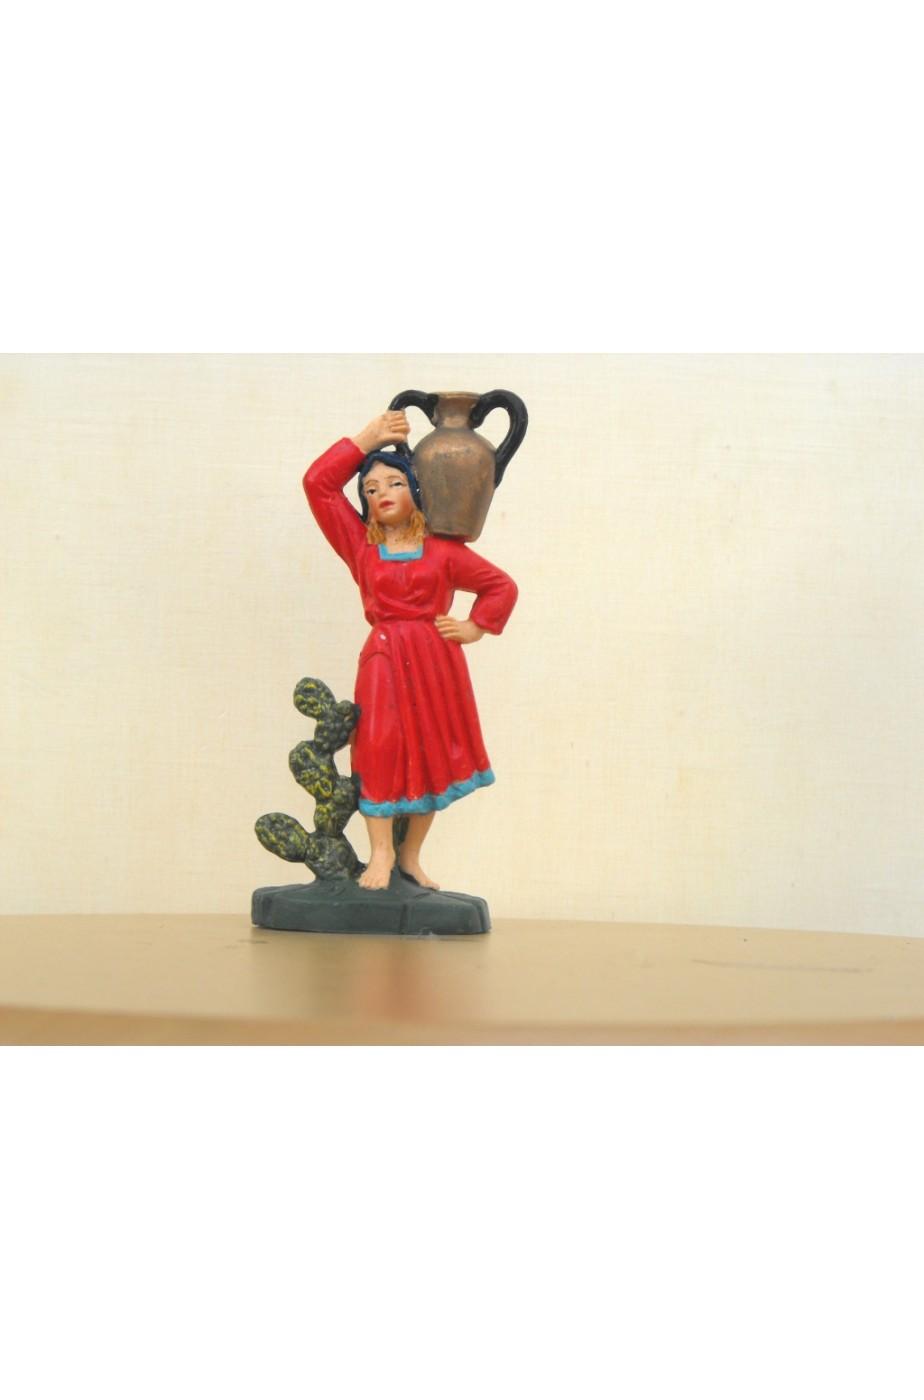 Figurina Presepe in plastica (cm 10) Donna con giara